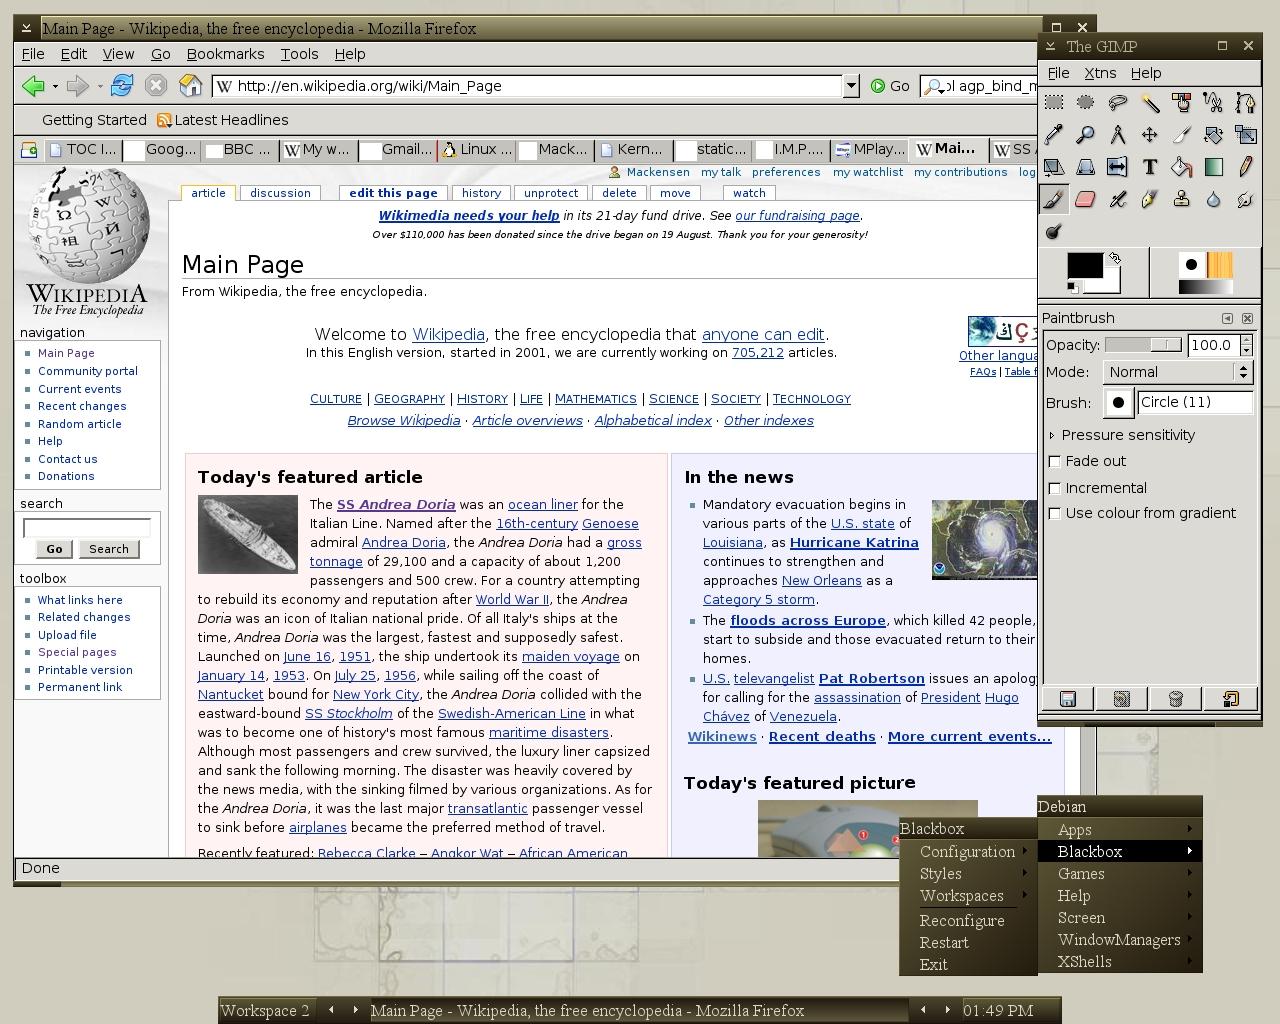 Blackbox_on_Debian.png